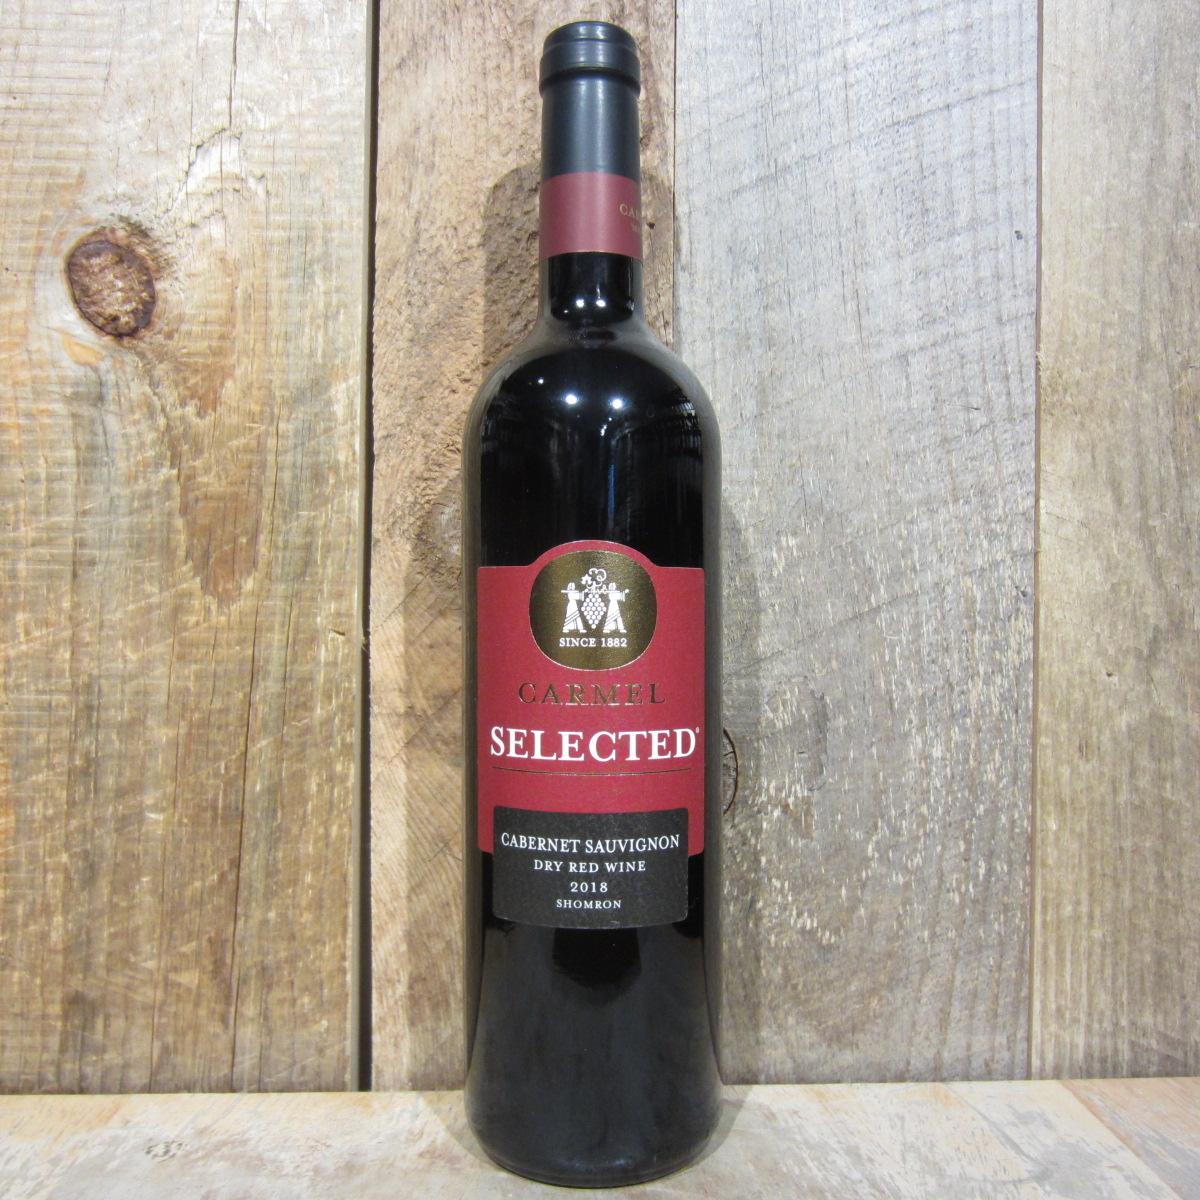 Selected Cabernet Sauvignon Carmel 750ml